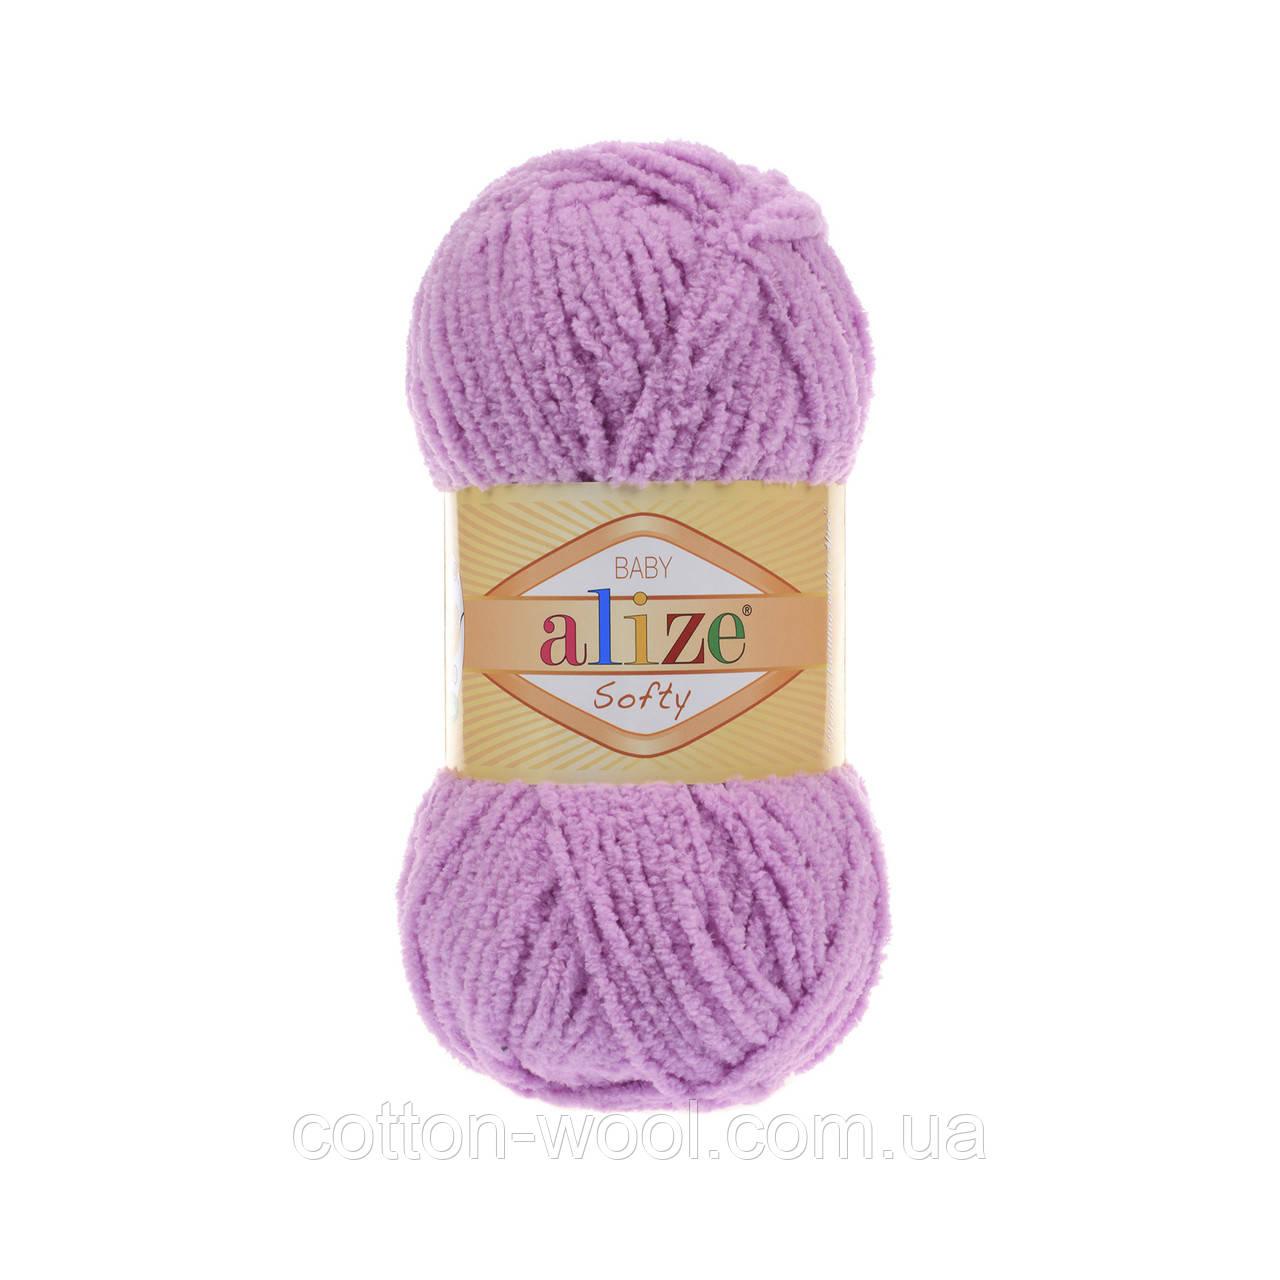 Alize Softy (Ализе Софти) 672 плюшевая пряжа